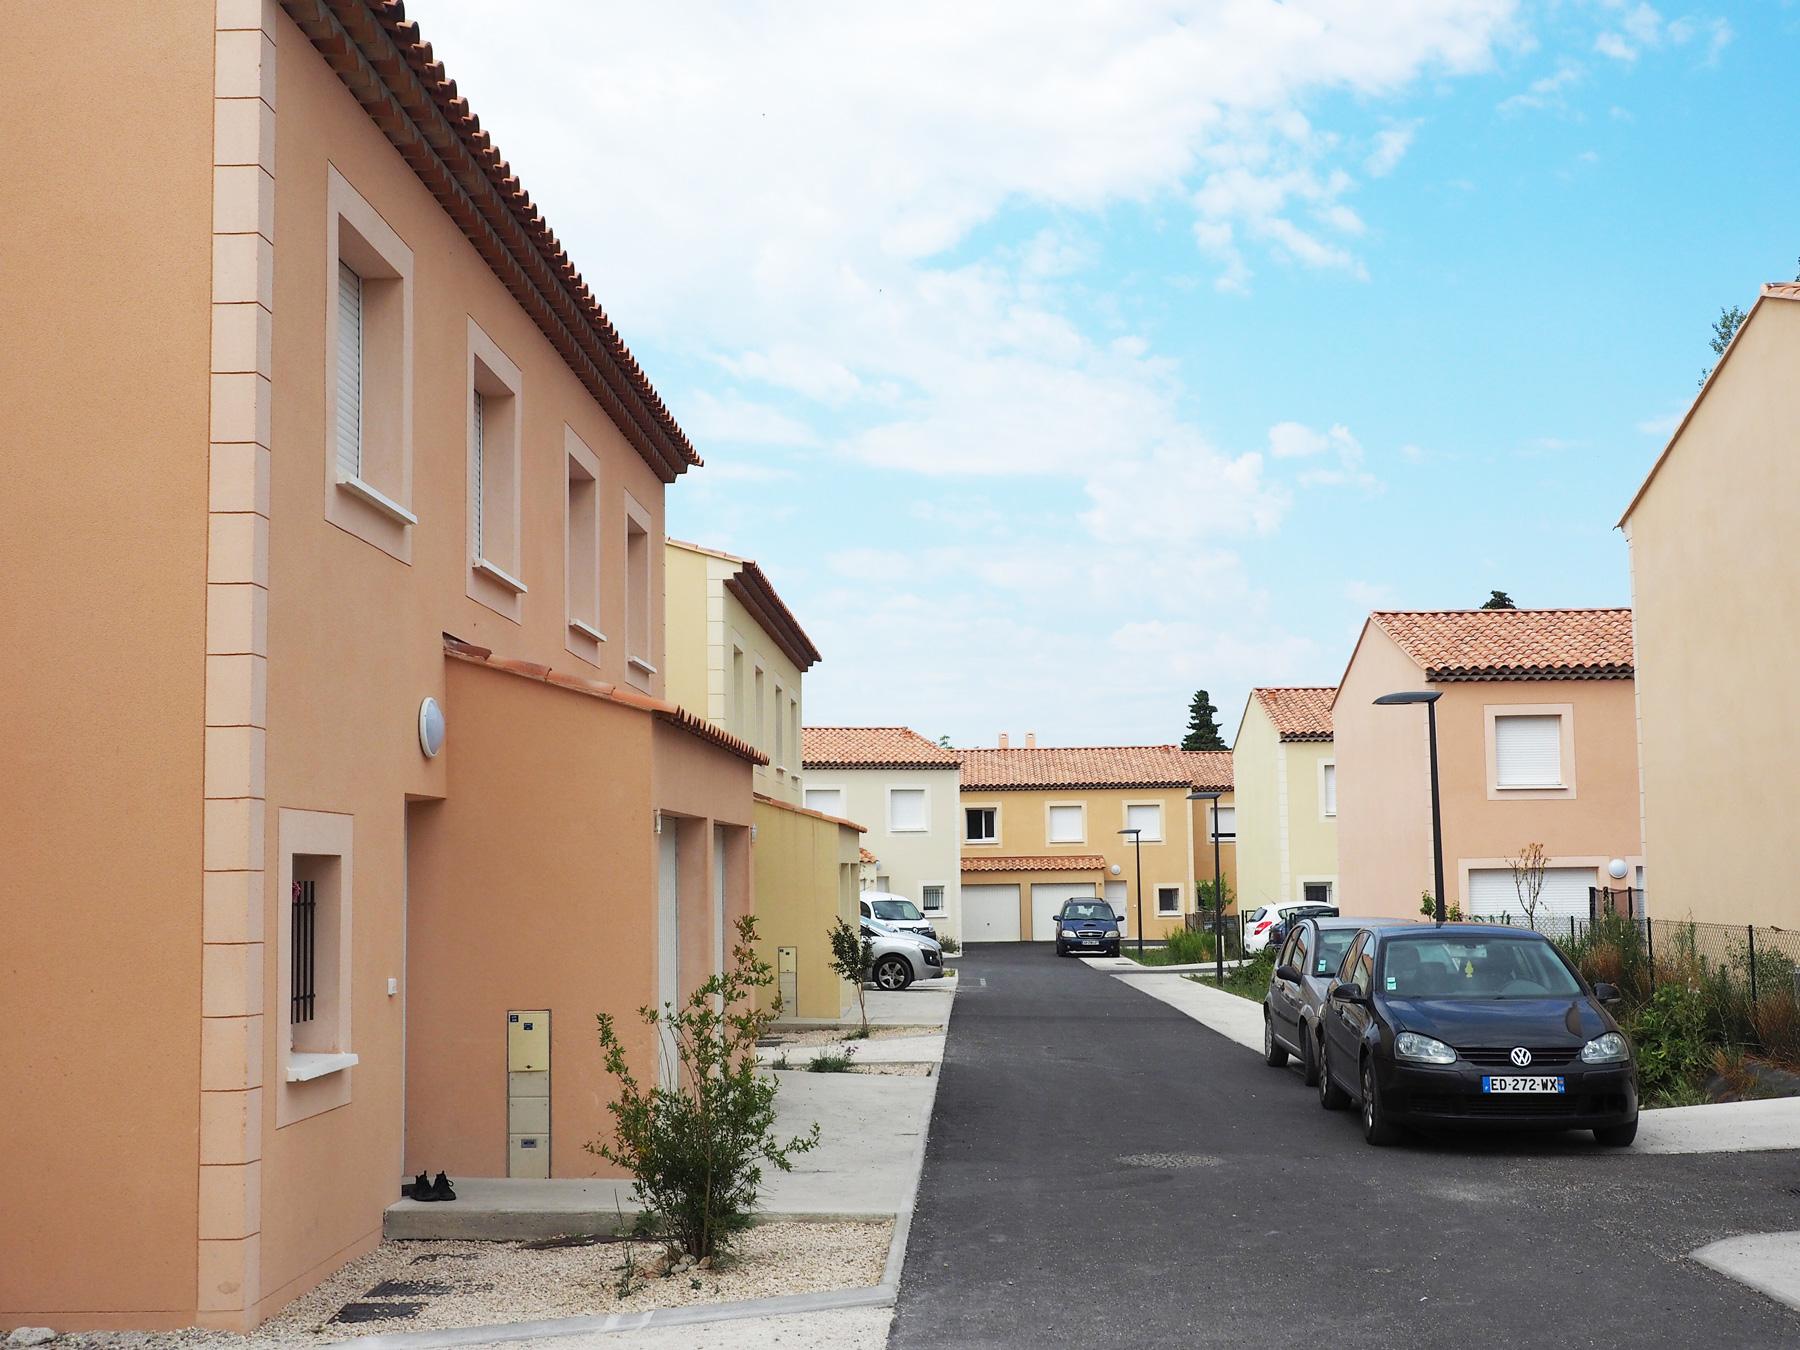 VILLA ILONA - 40 villas